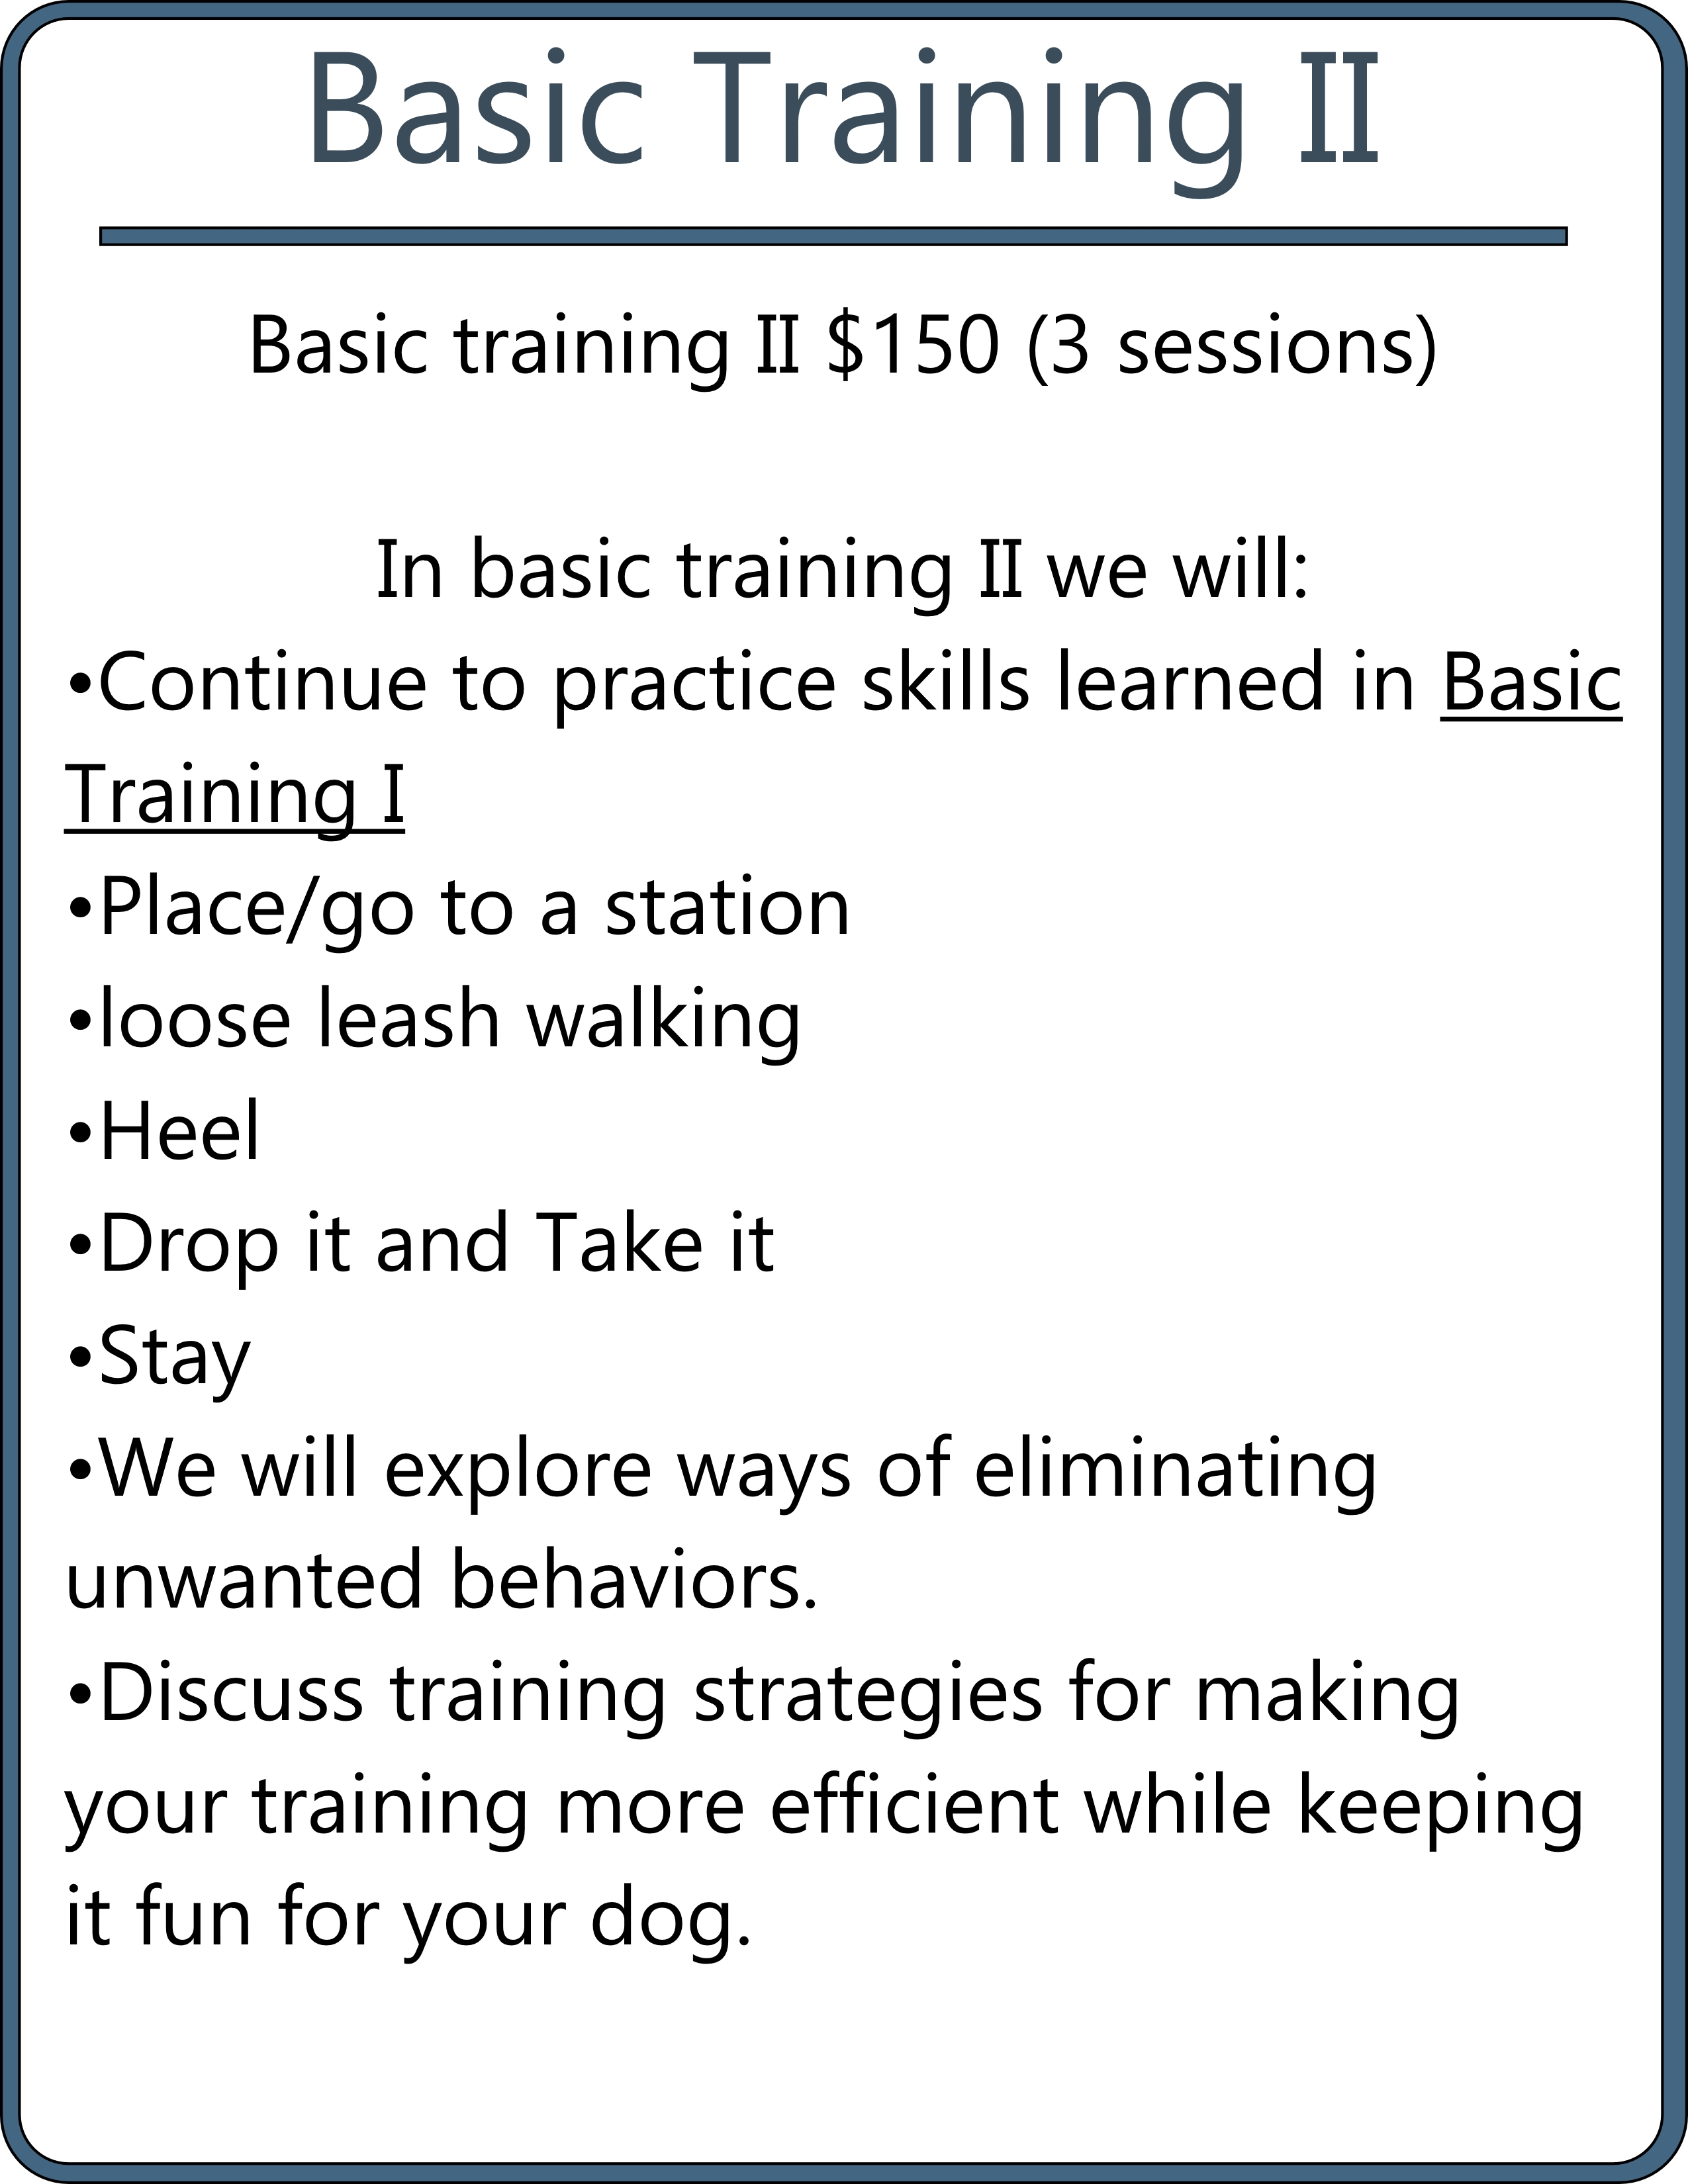 basic training II